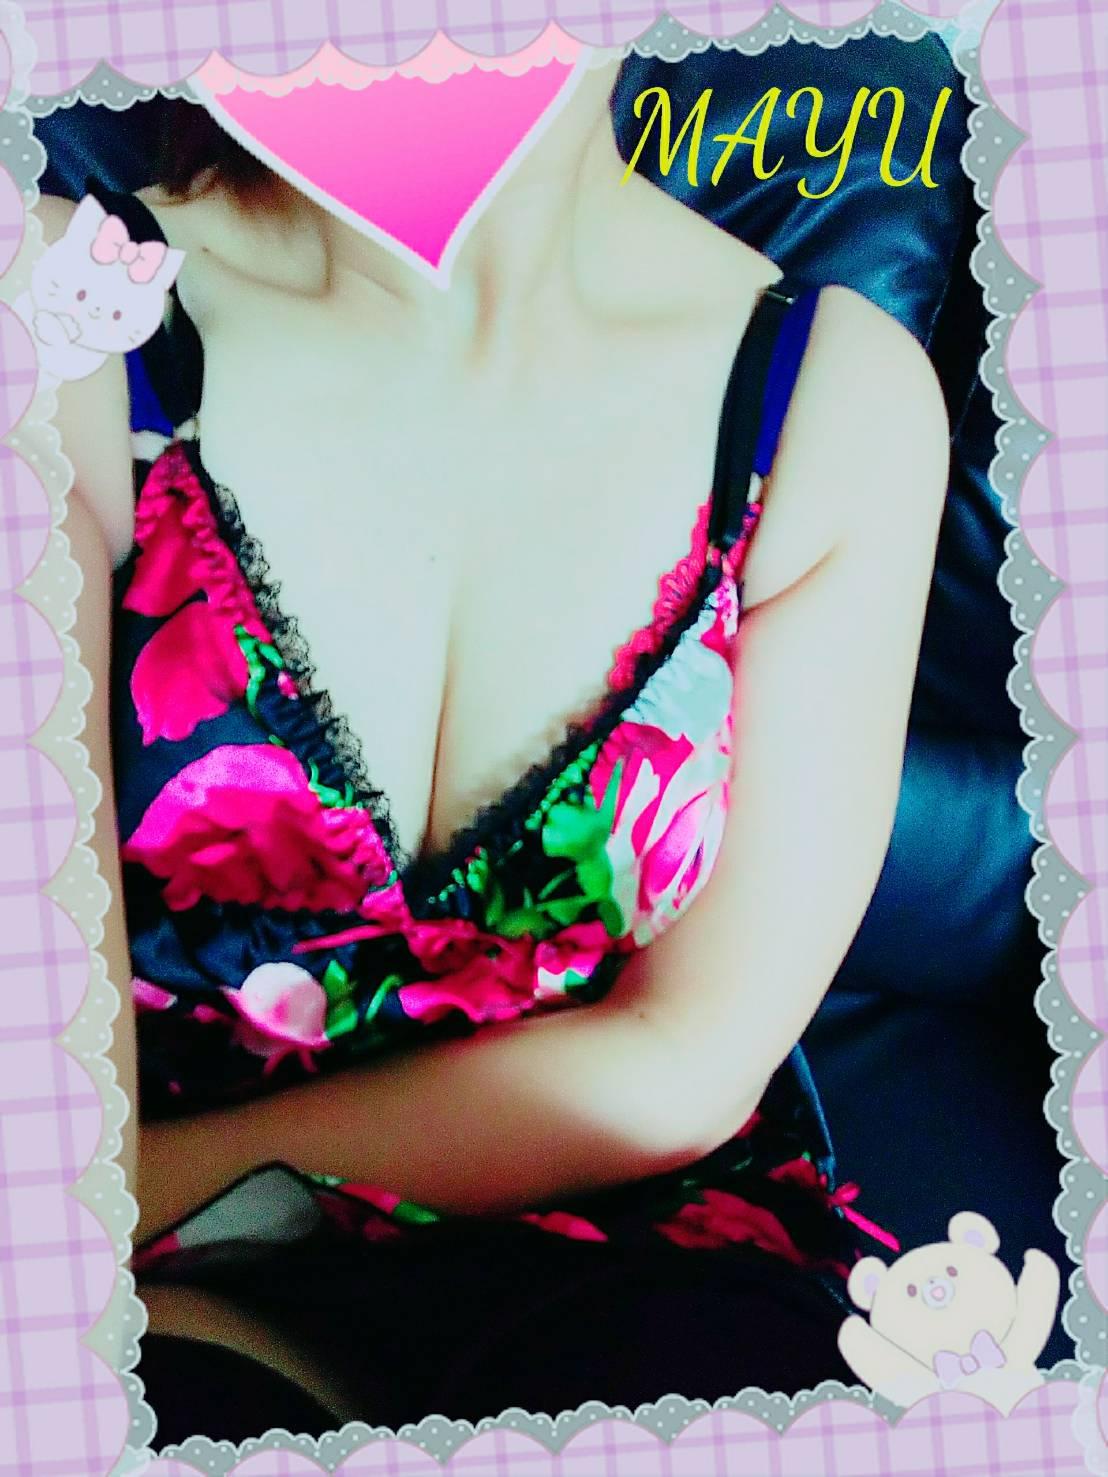 「お誘い待ってます。」11/23(11/23) 22:03 | 麻由(まゆ)の写メ・風俗動画